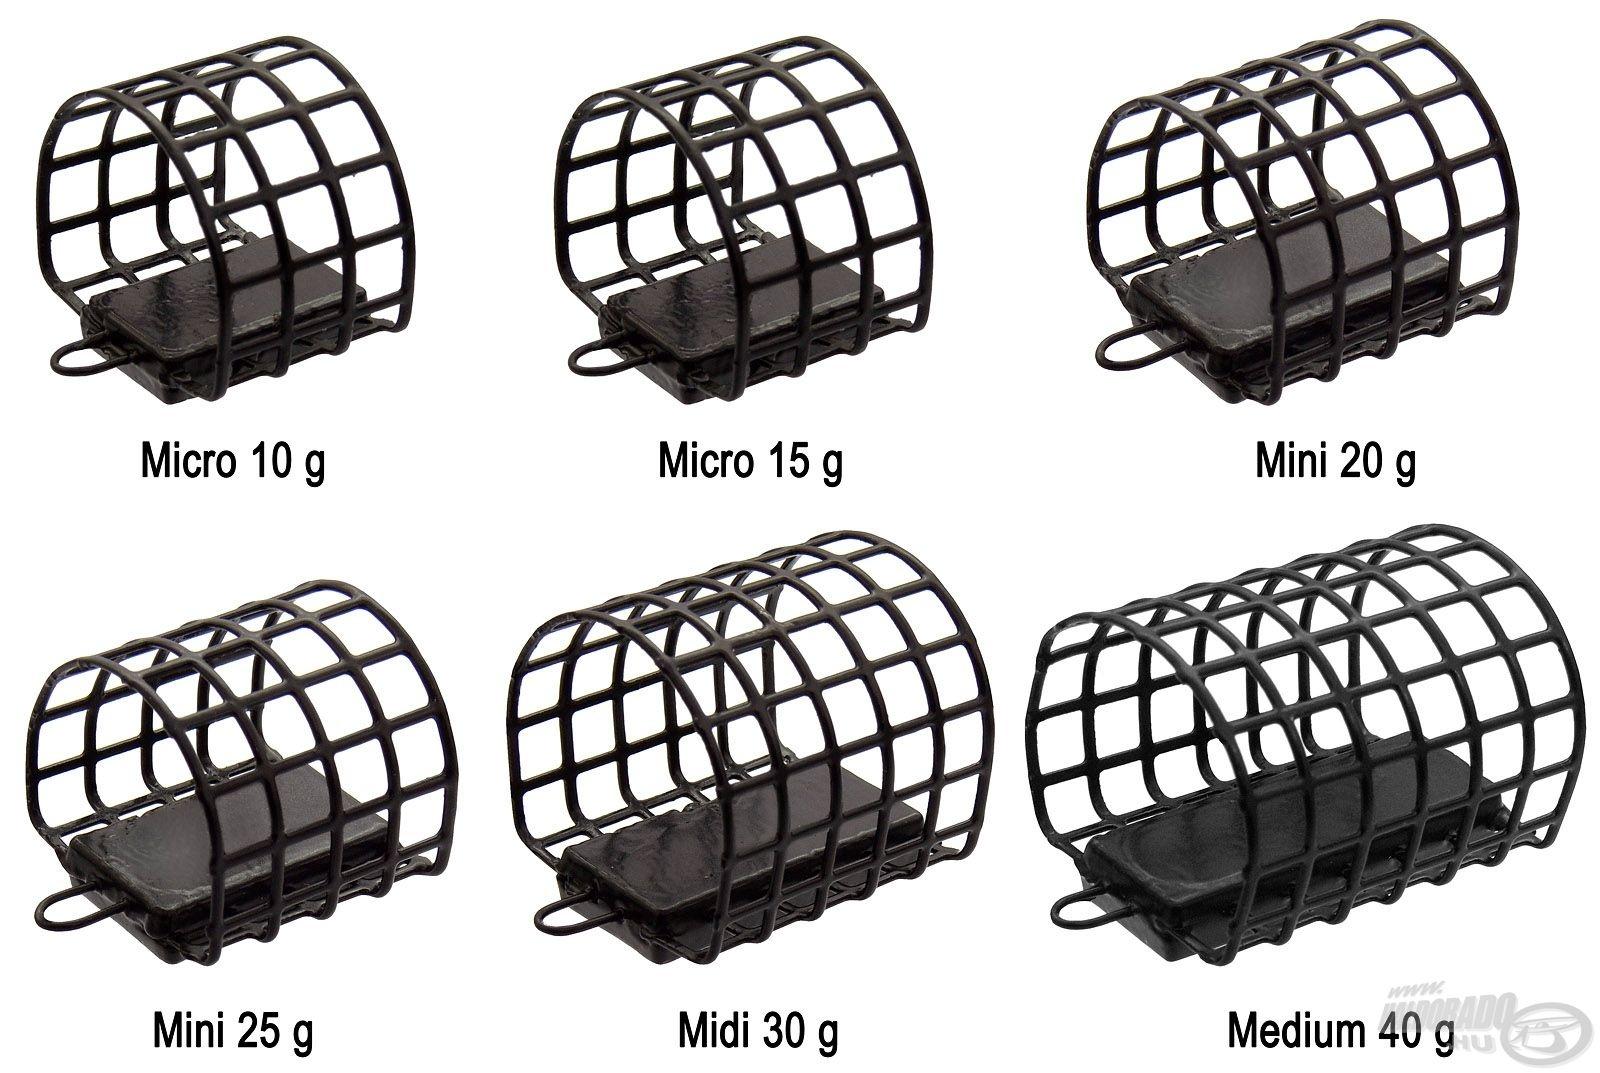 5x14 Midi Feeder 30 g